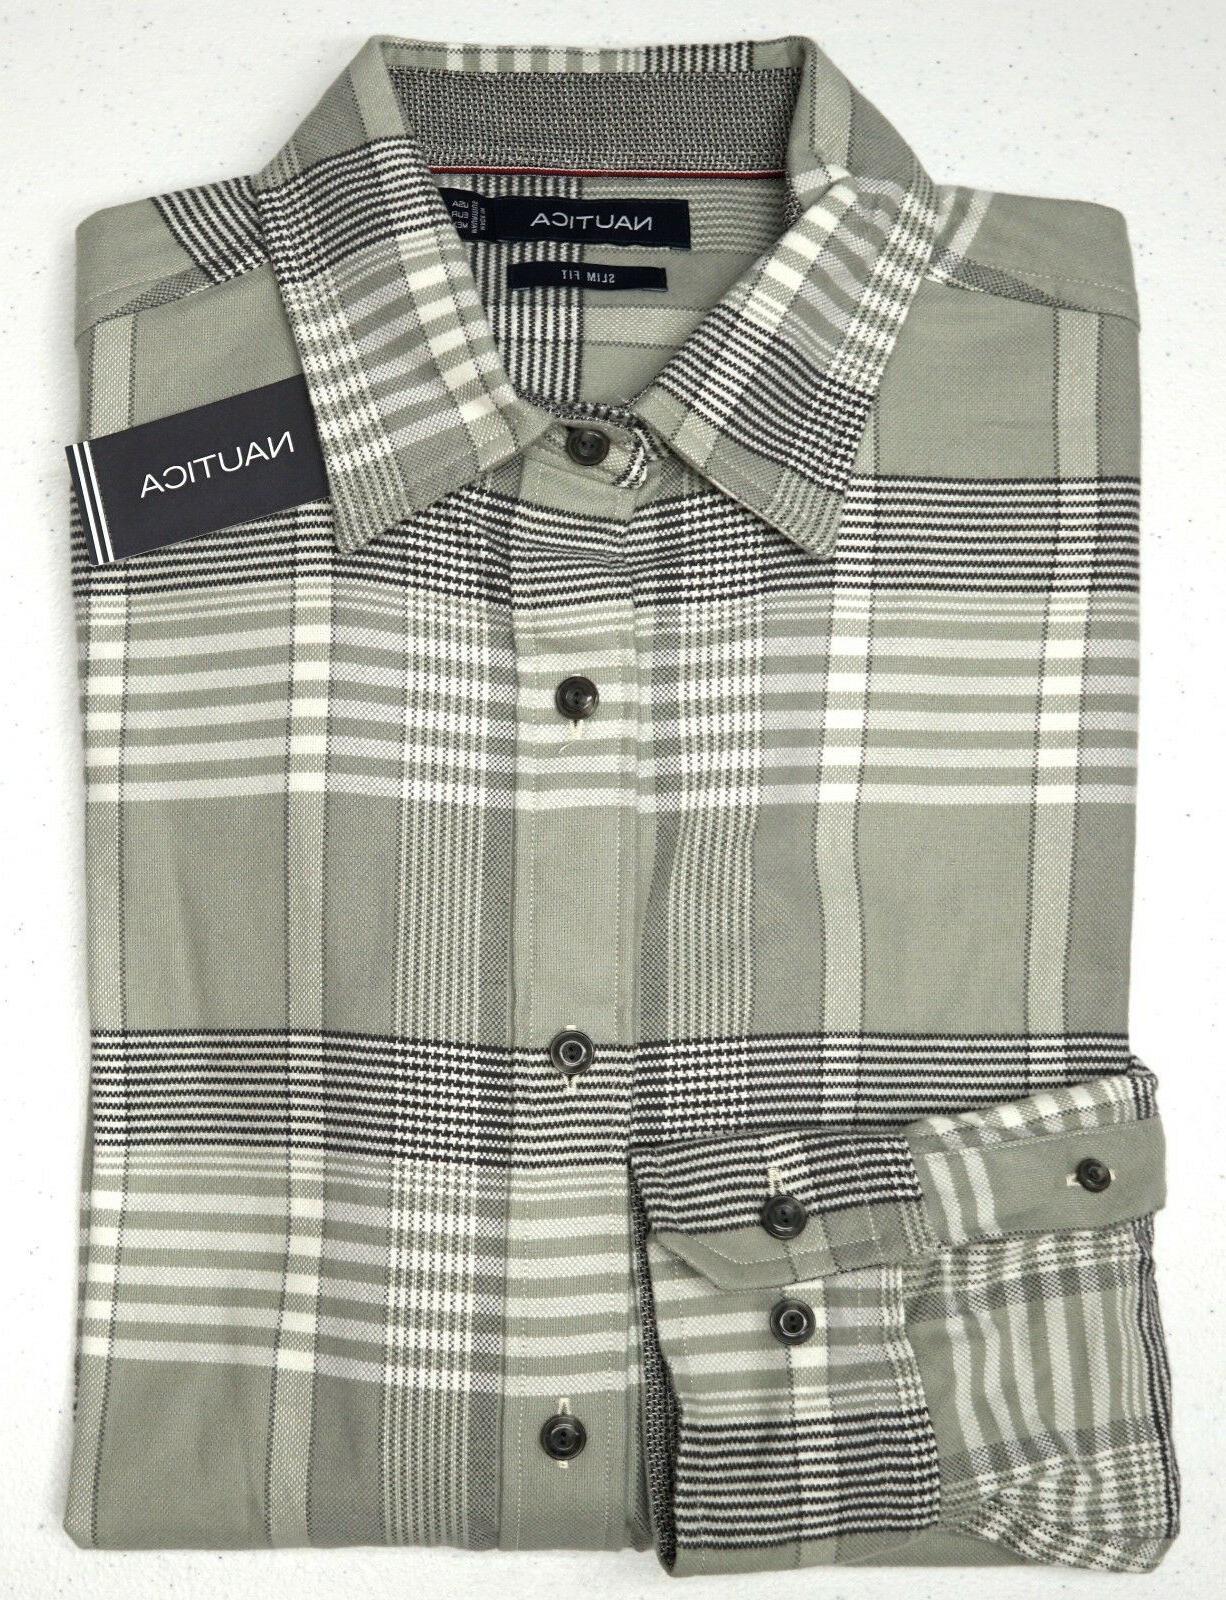 orig 79 gray plaid flannel ls shirt